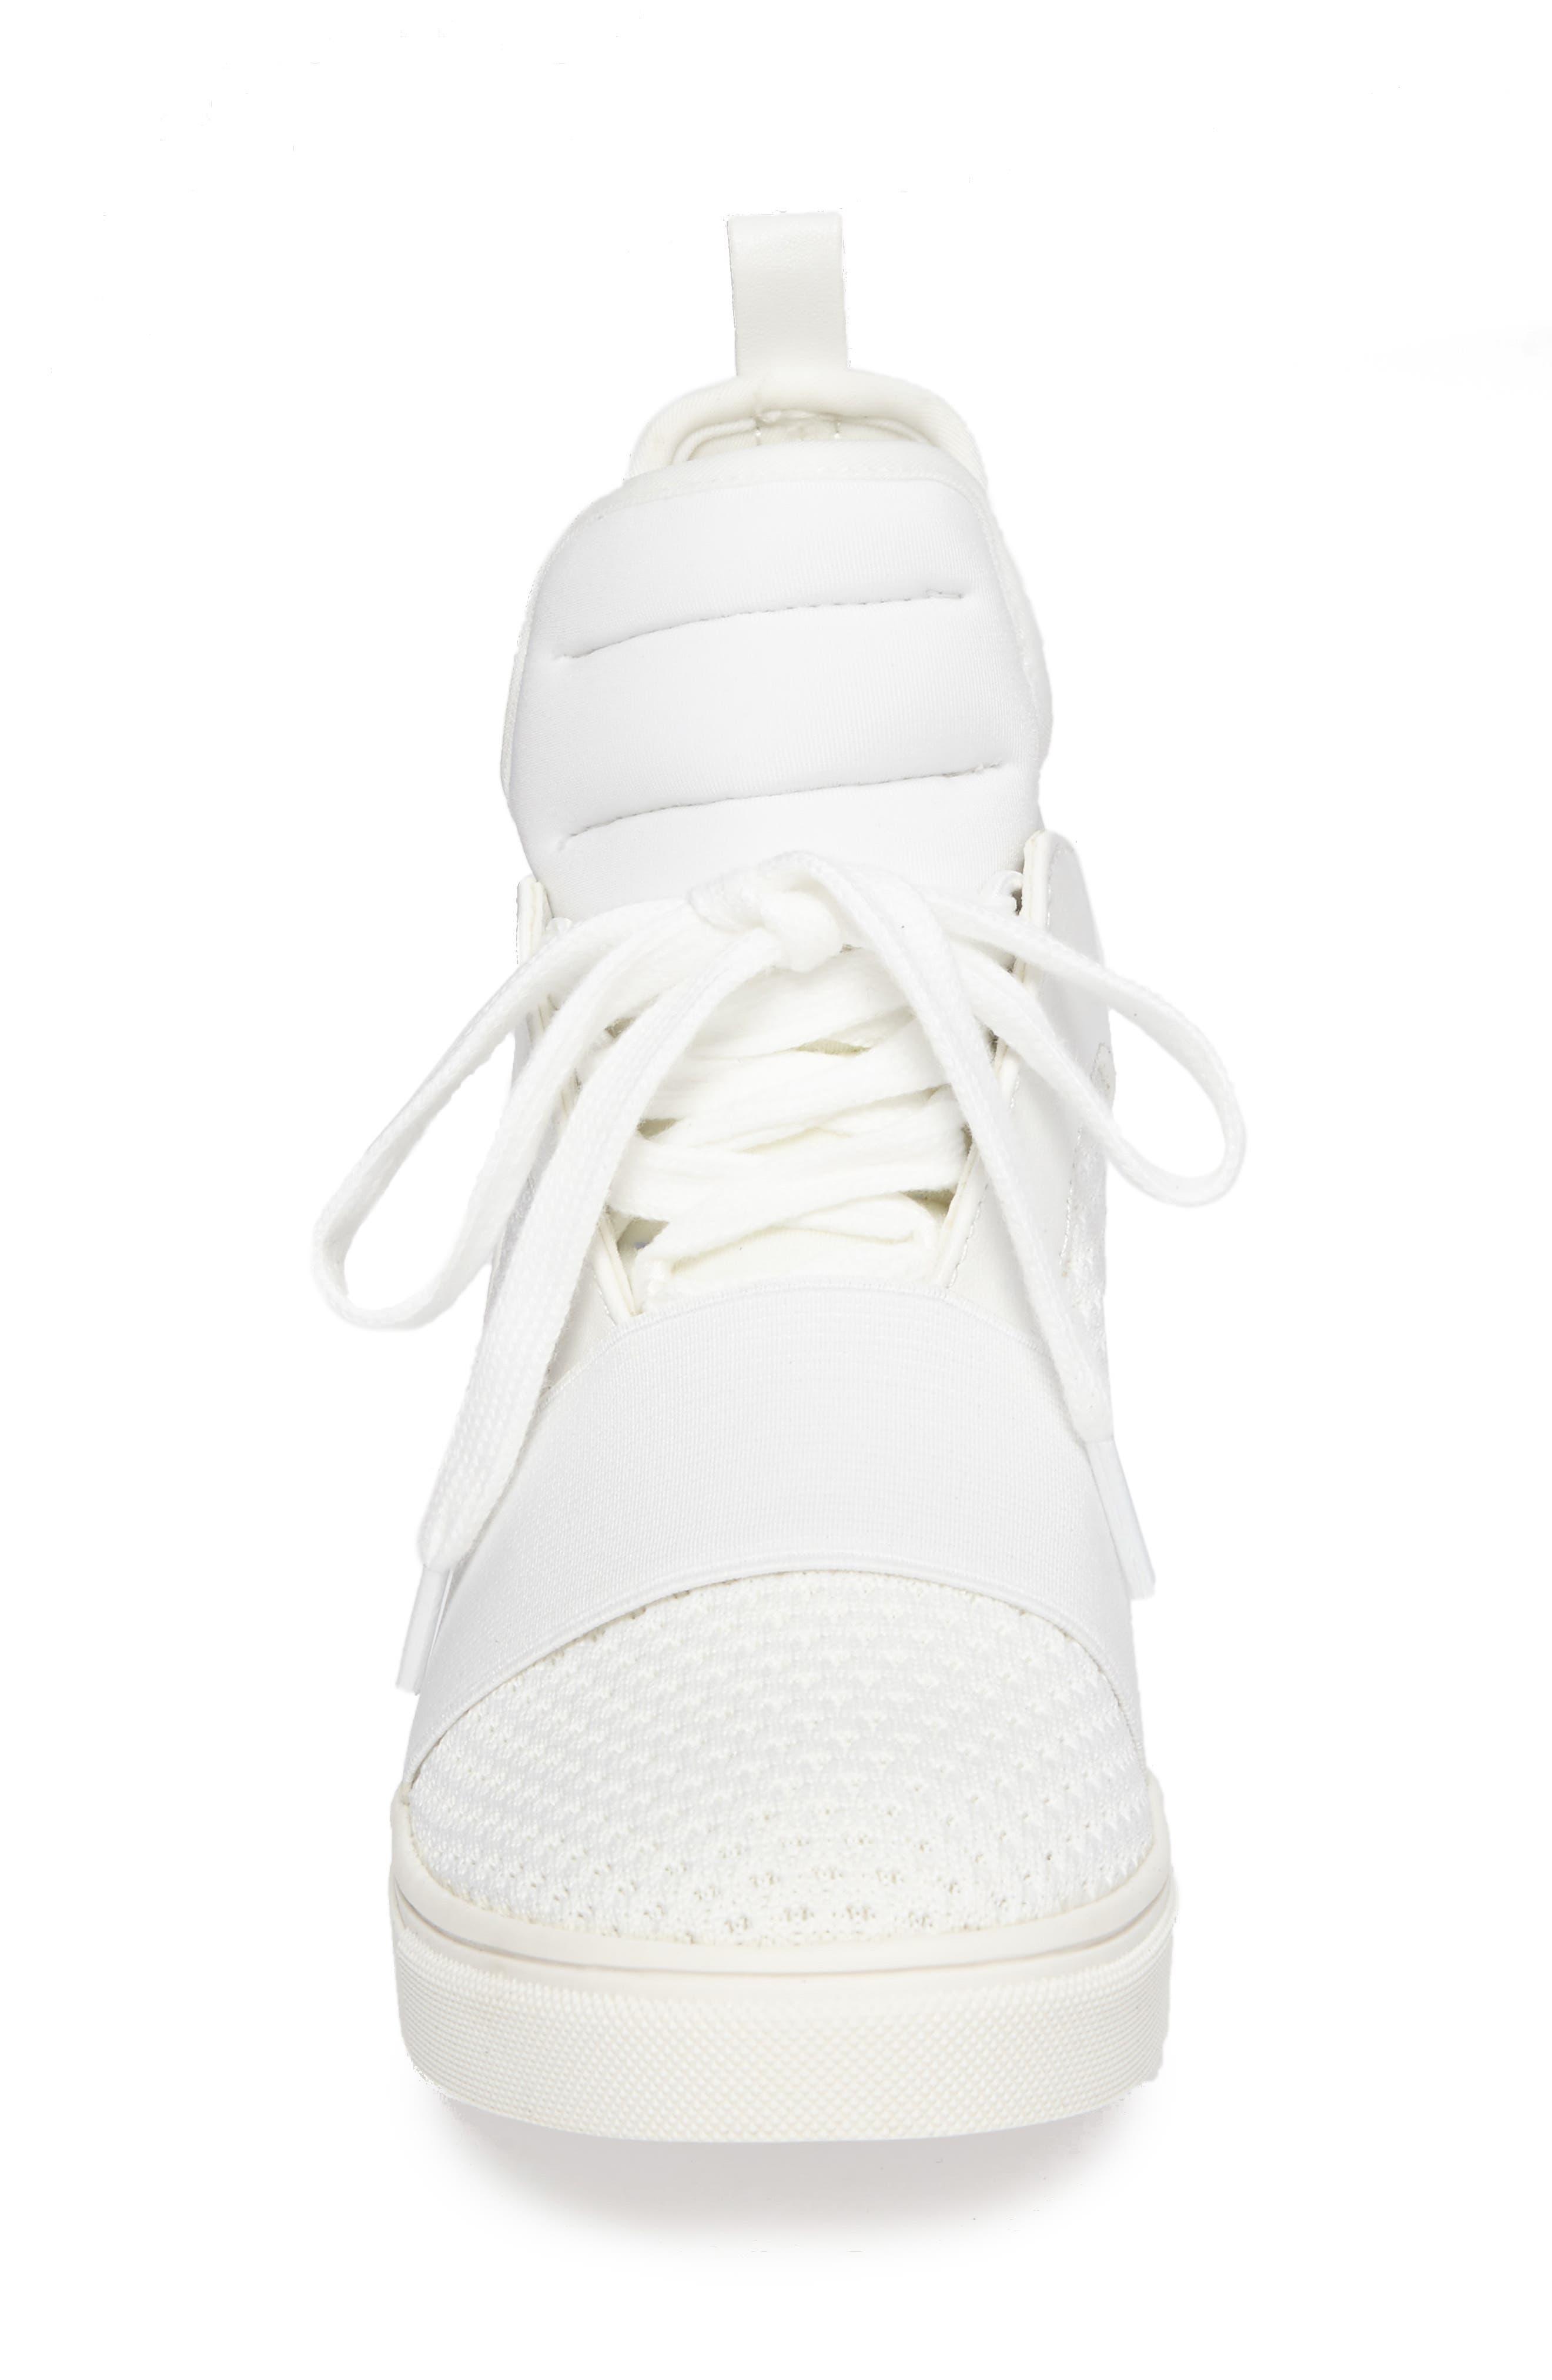 Lexie Wedge Sneaker,                             Alternate thumbnail 4, color,                             White